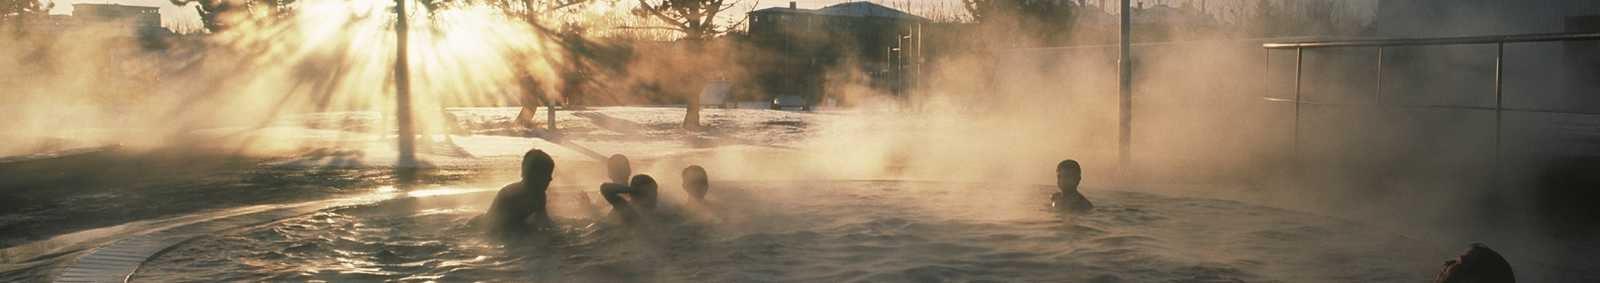 Geothermal baths in Iceland